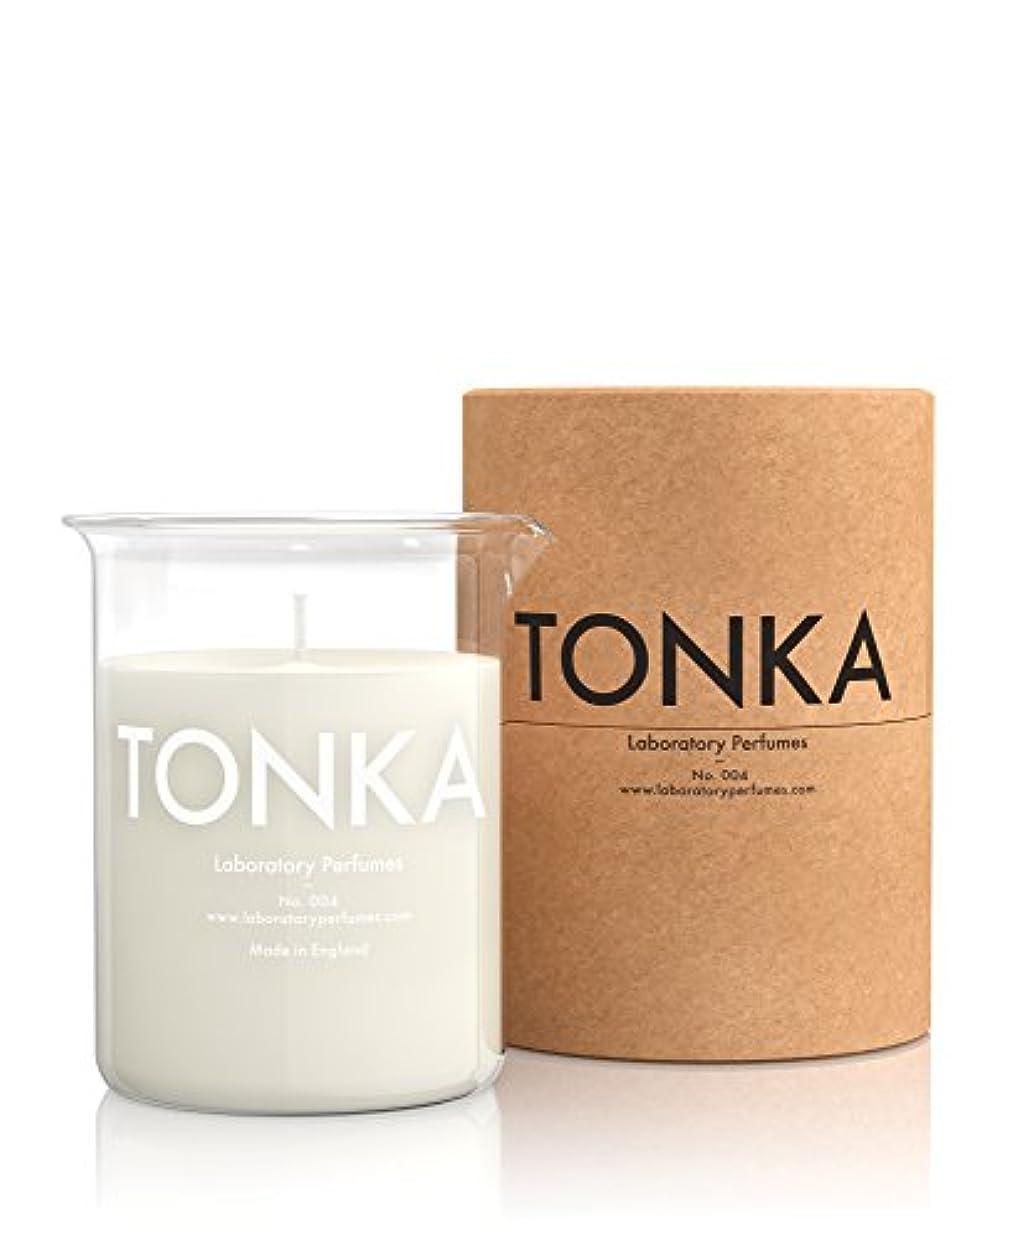 透ける飾り羽残り物Labortory Perfumes キャンドル トンカ Tonka (アロマティックオリエンタル Aromatic Oriental) Candle ラボラトリー パフューム